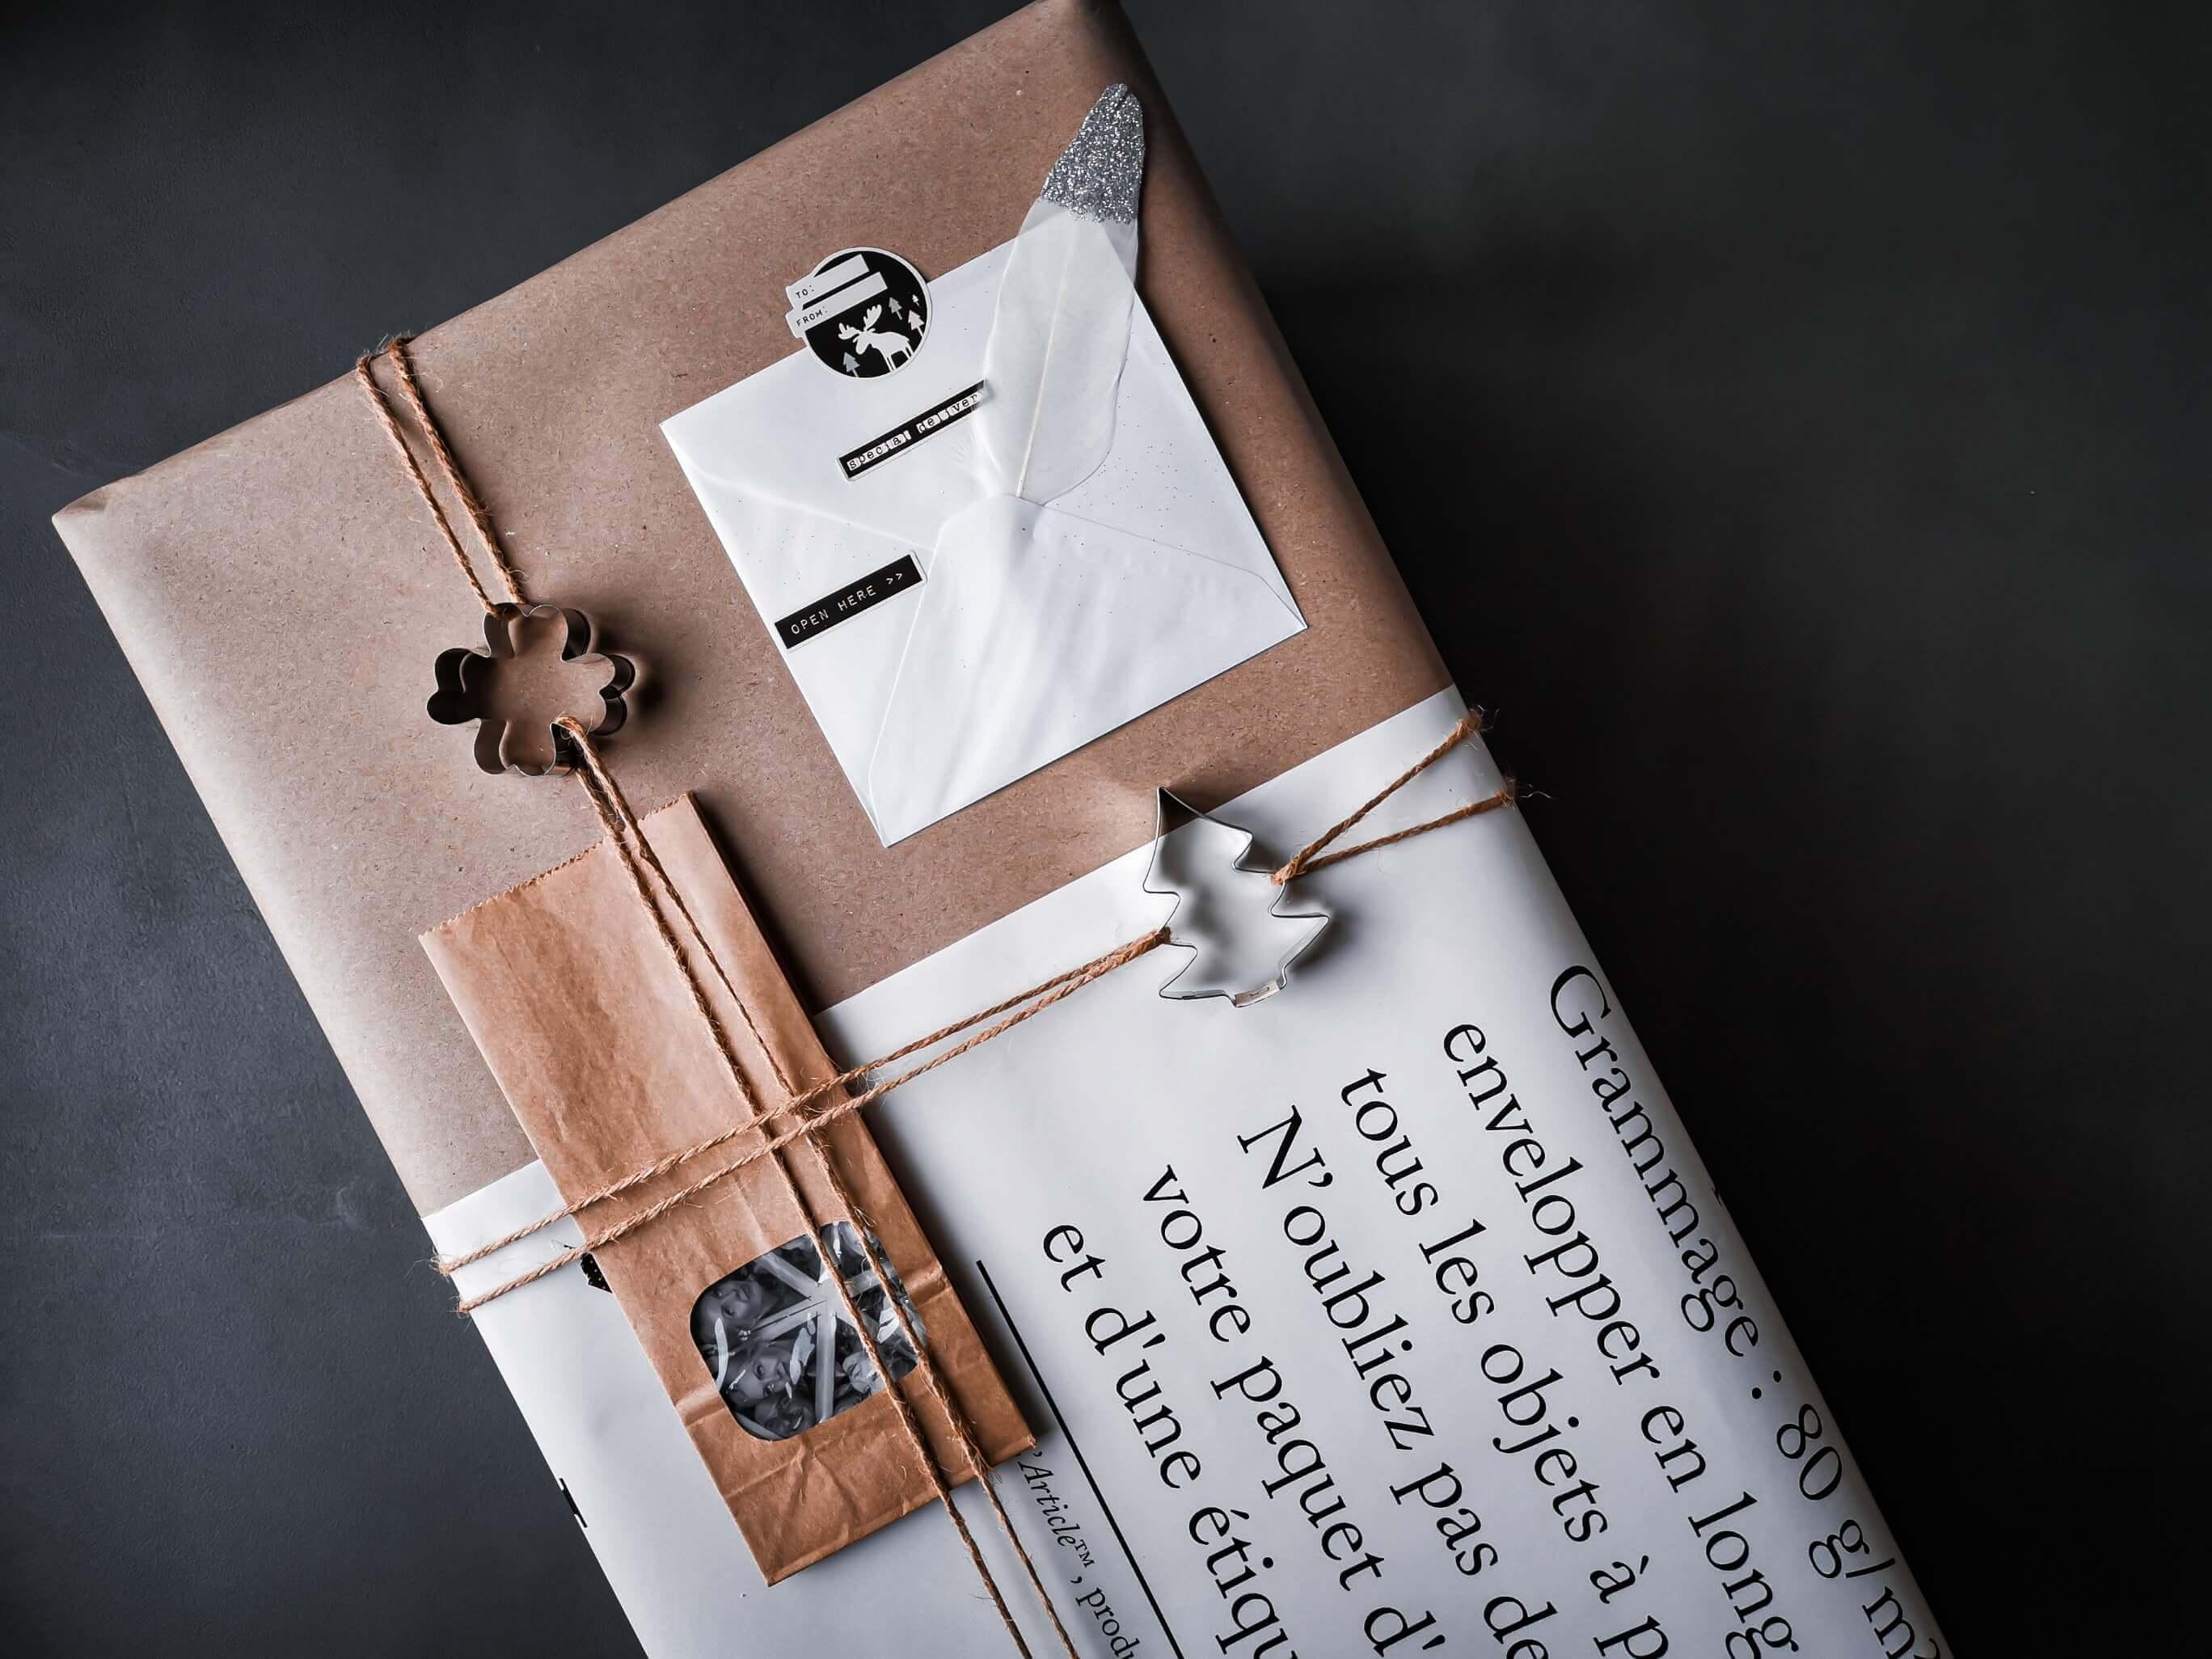 IMG 20191208 104322 resized 20191208 060151072 e1575839266694 - Geschenke verpacken: 11 kreative Tipps zum Selbermachen